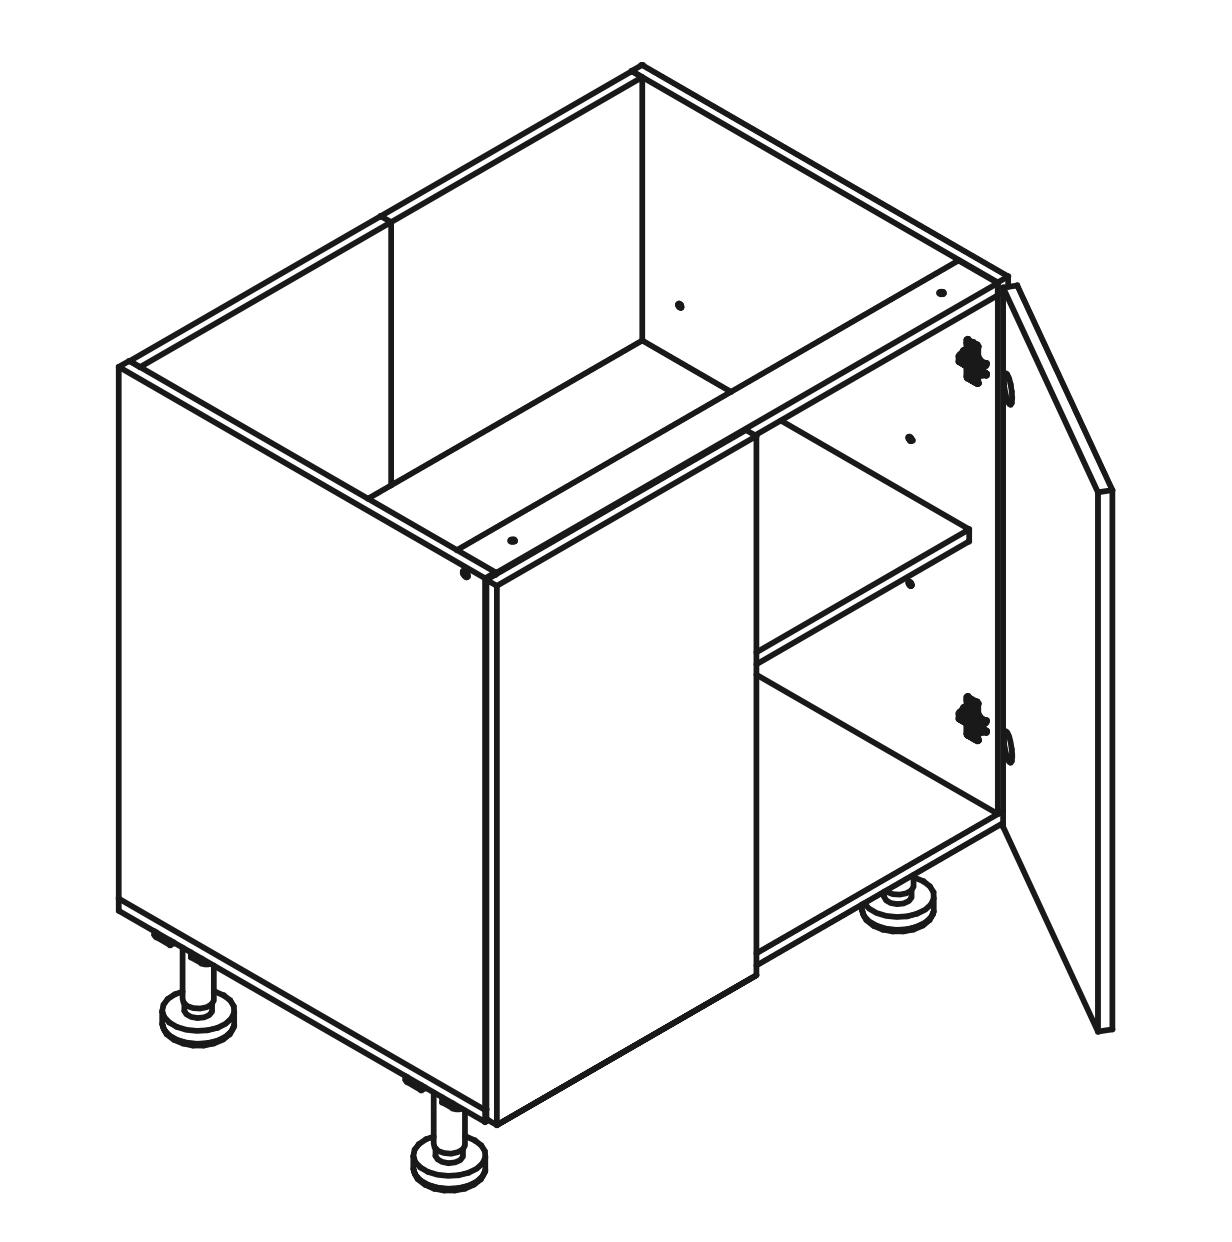 S80 Body Diagram